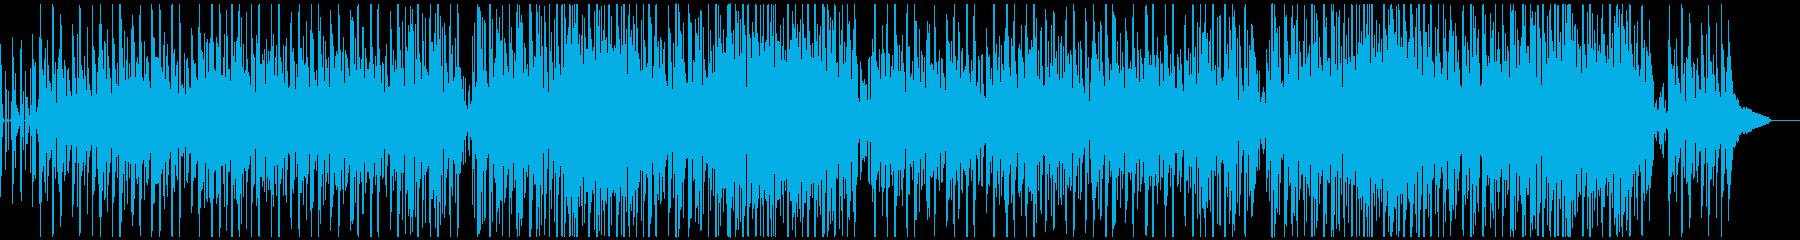 切なく悲しいレトロなエレクトロジプシーの再生済みの波形